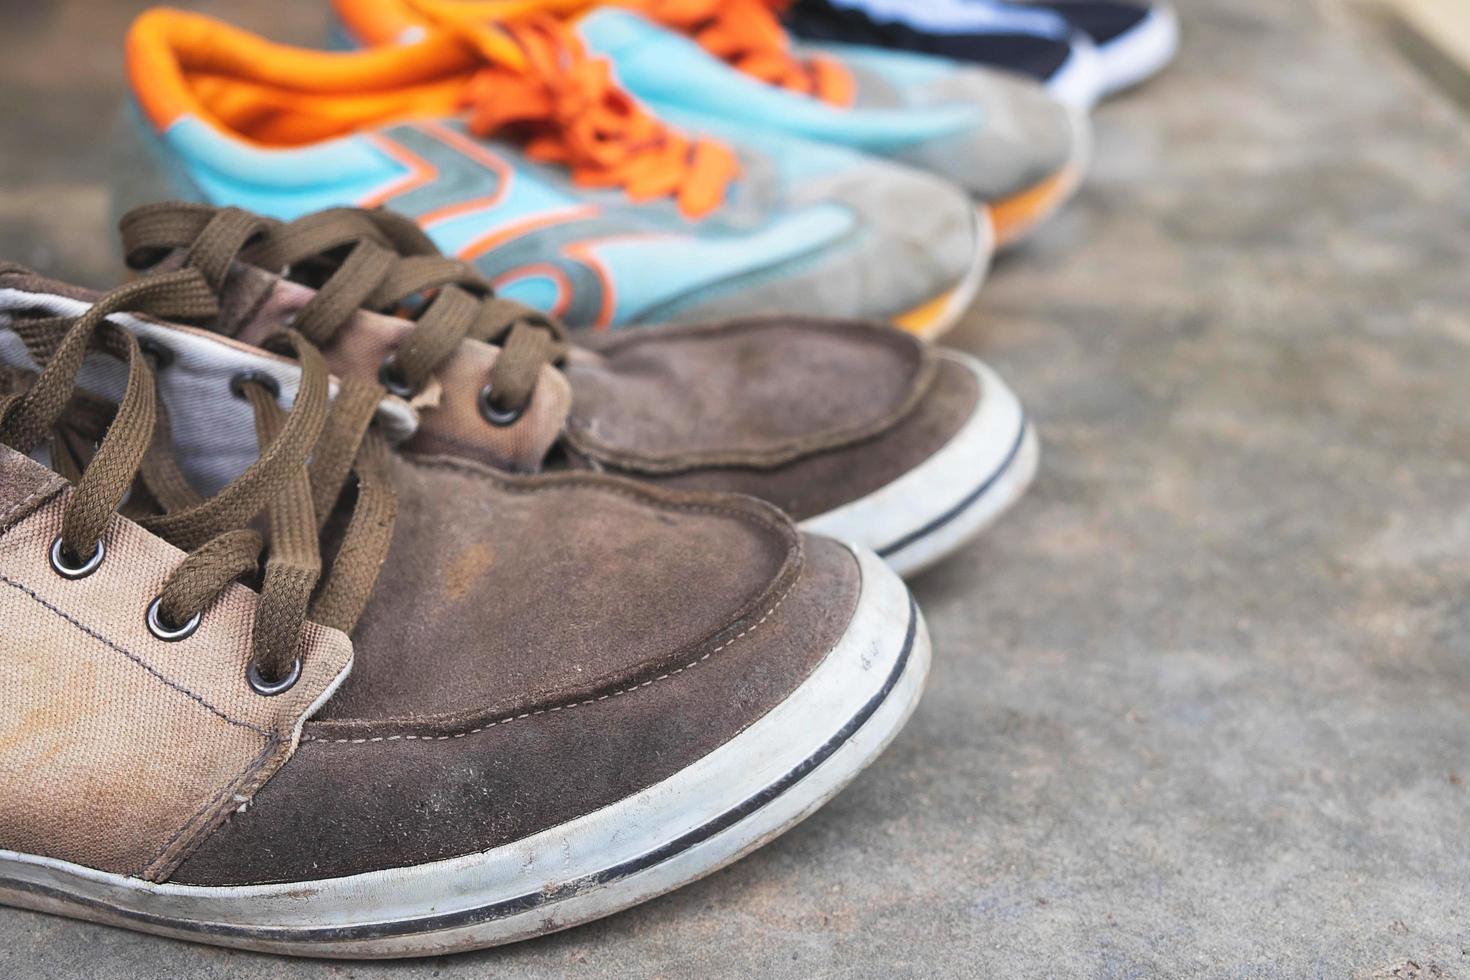 trois paires de chaussures en toile colorées sur un sol photo